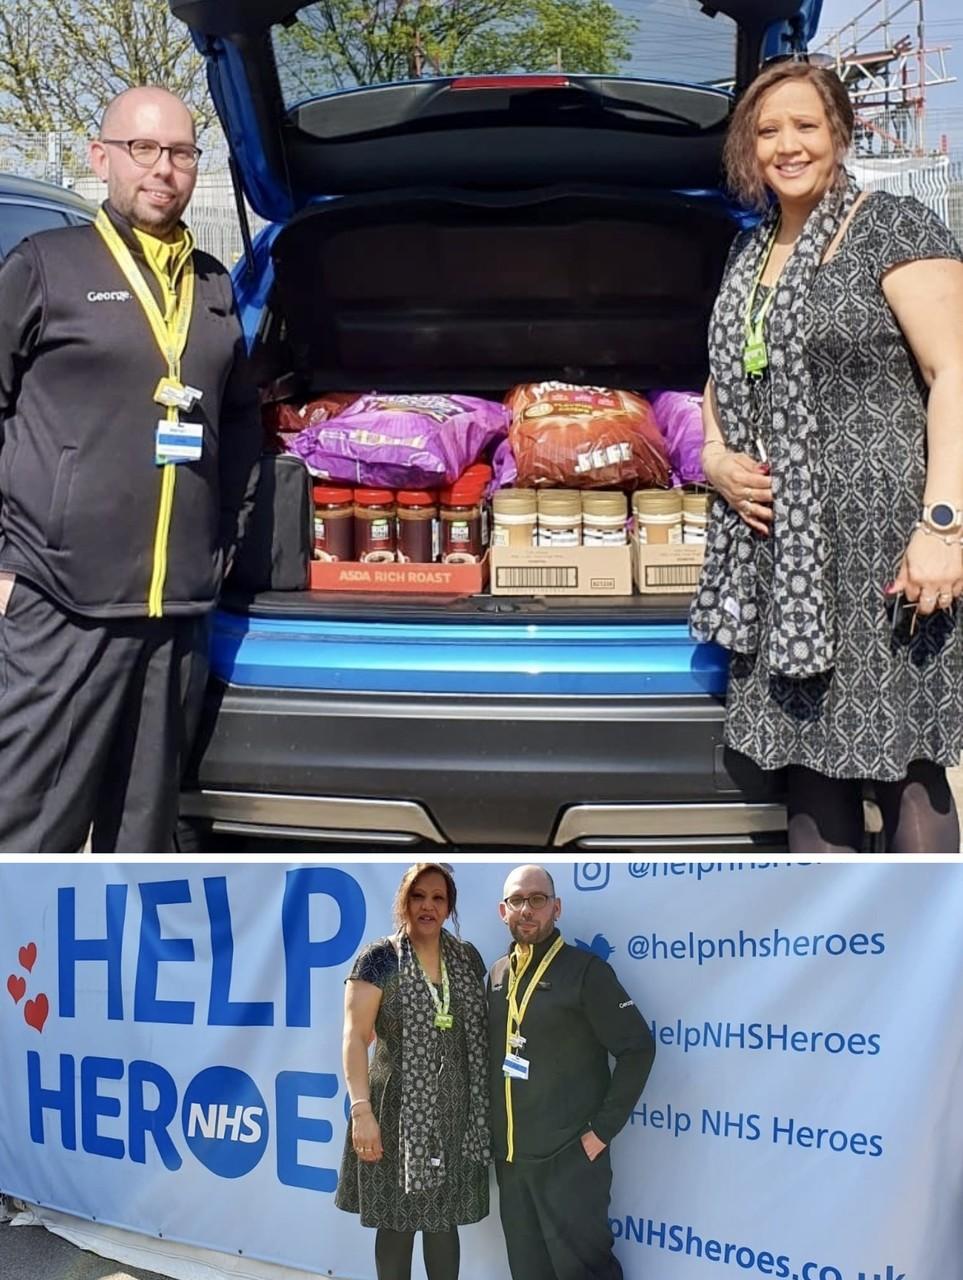 Asda Stevenage proud to support Help NHS Heroes | Asda Stevenage